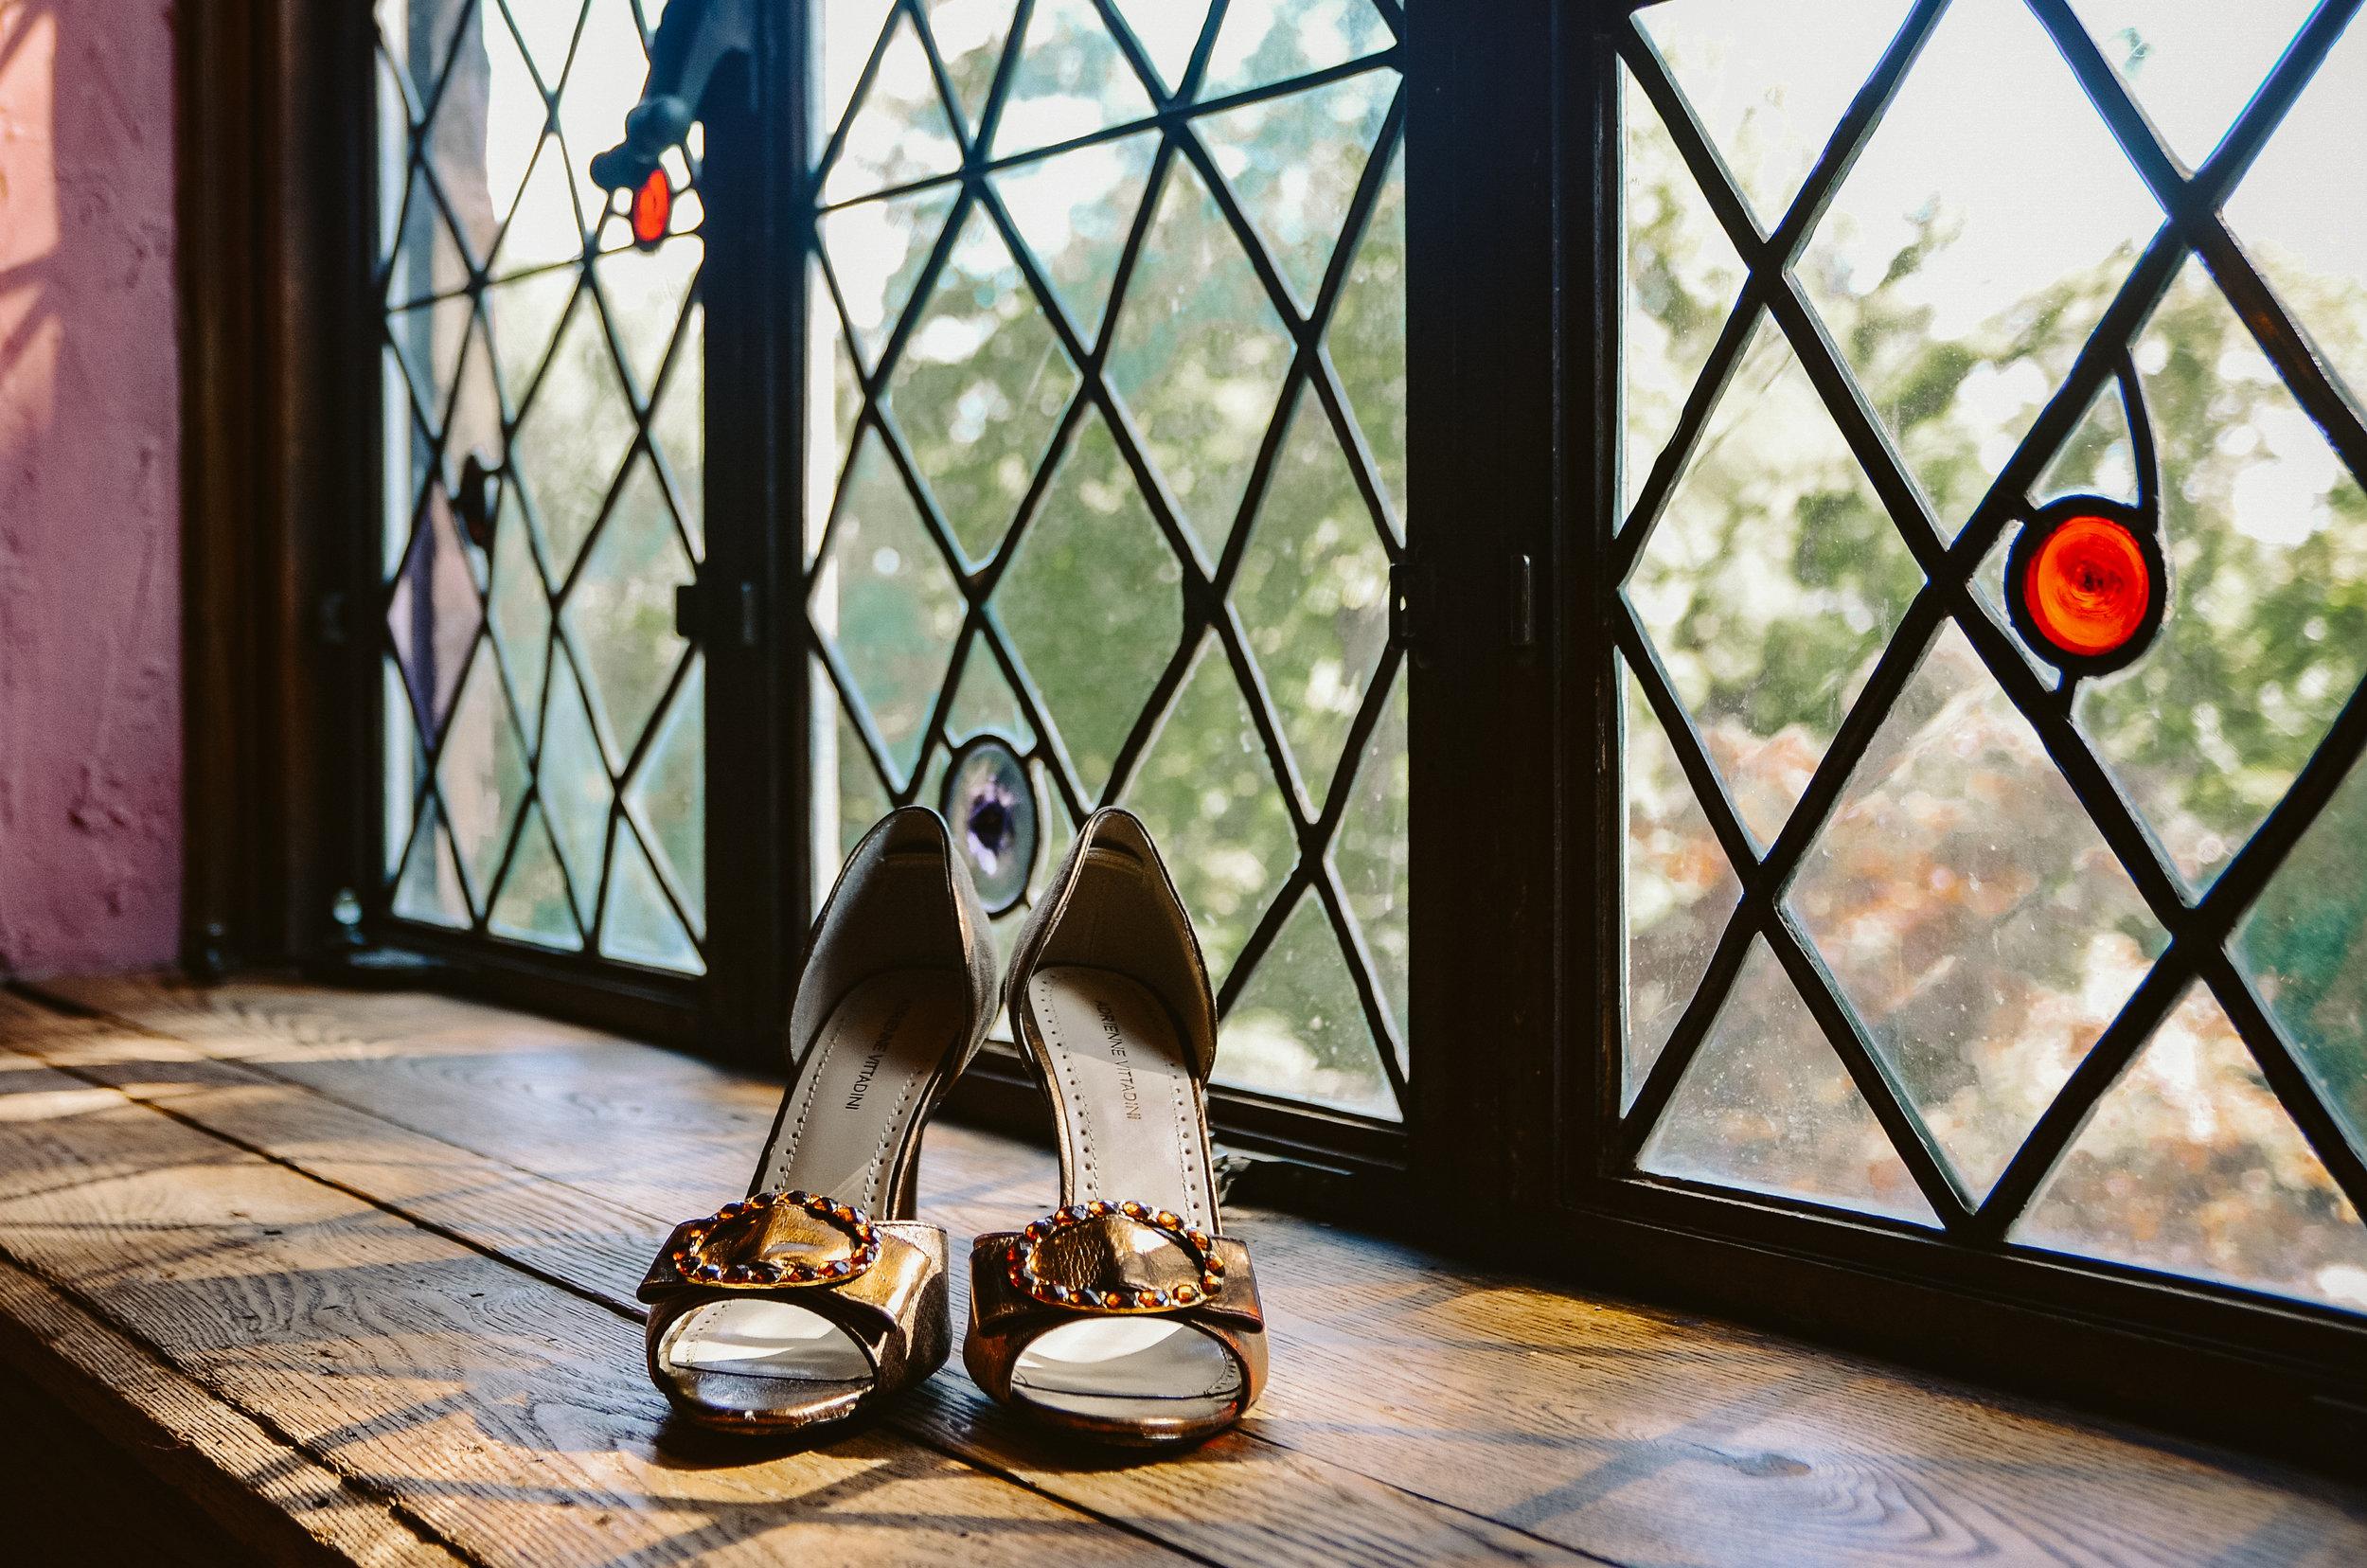 adrienne and greg's wedding 2018 edits-5.jpg